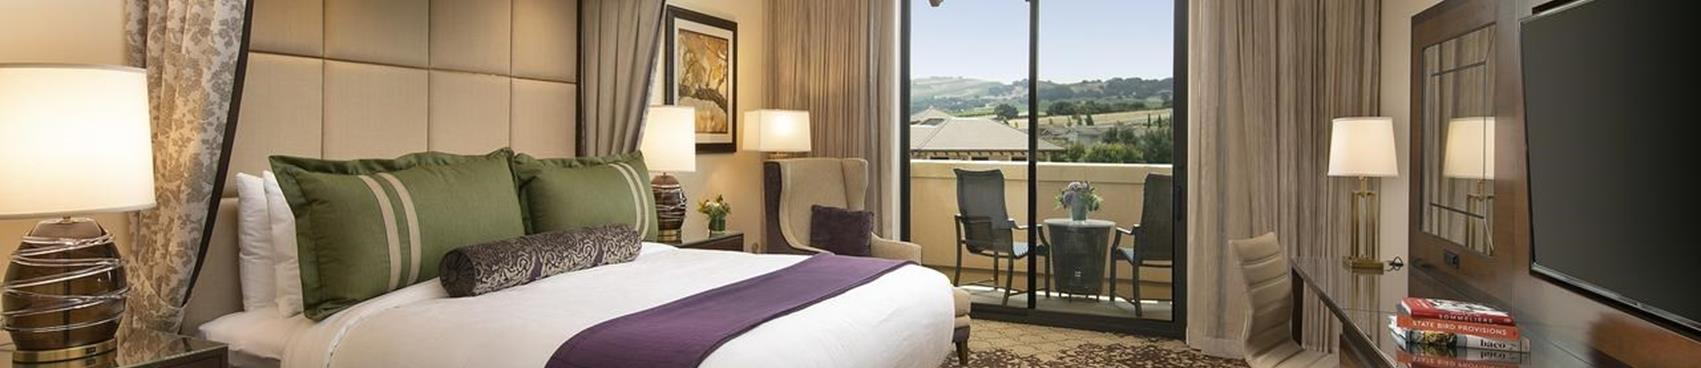 Vista Collina Resort